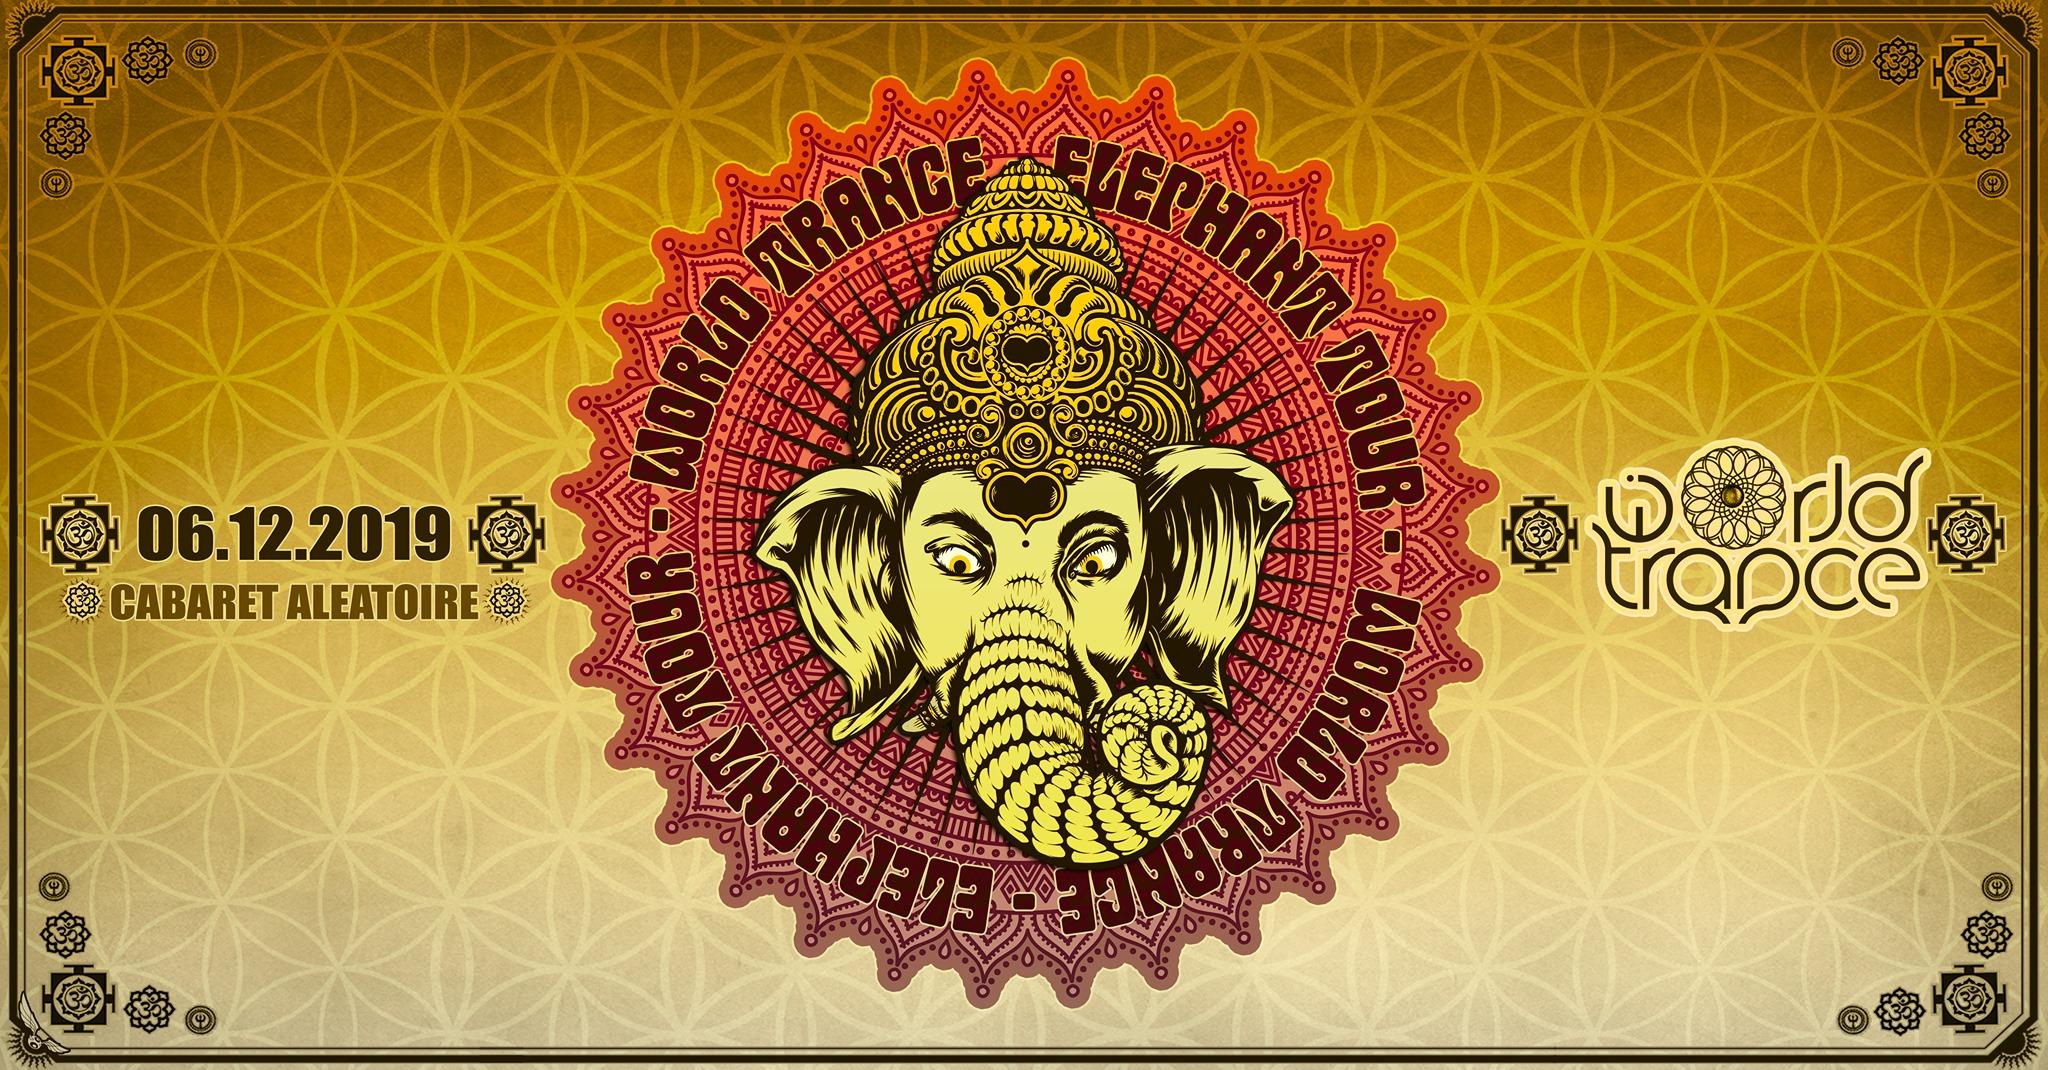 World Trance - Elephant Tour w/ Undercover,  Hammerer, Unlogix, Kalki Cabaret Aleatoire